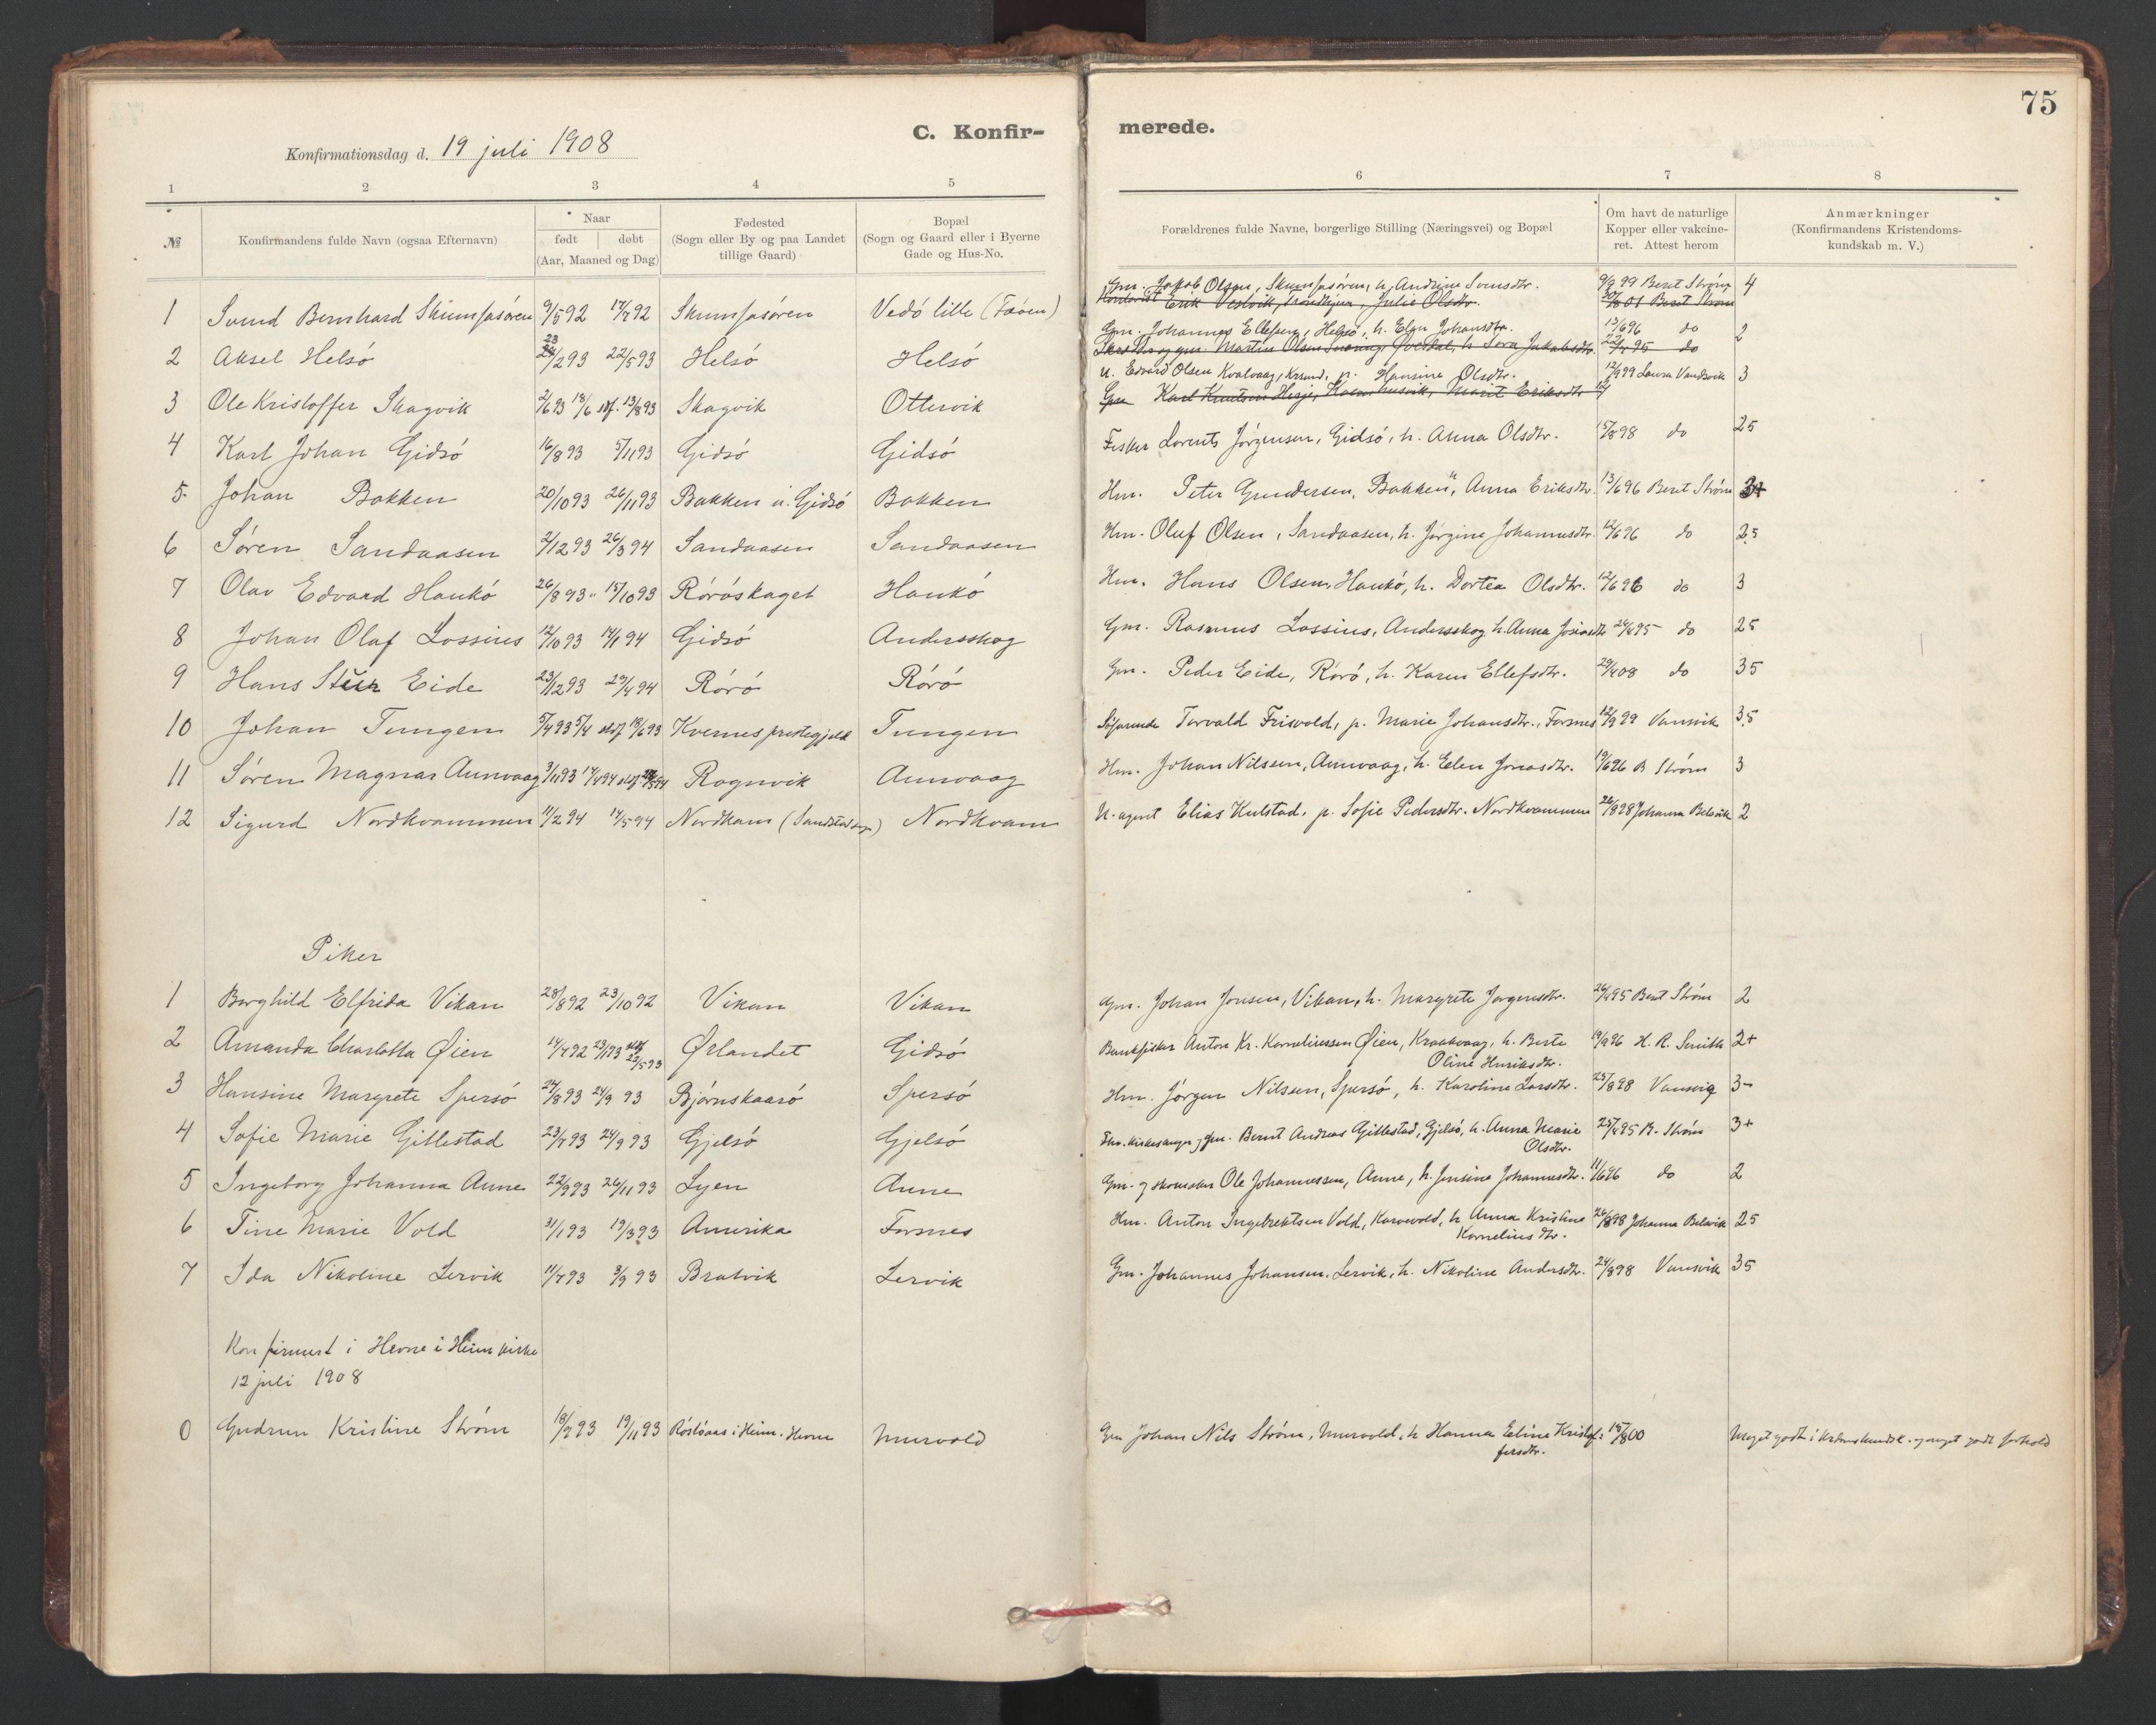 SAT, Ministerialprotokoller, klokkerbøker og fødselsregistre - Sør-Trøndelag, 635/L0552: Ministerialbok nr. 635A02, 1899-1919, s. 75